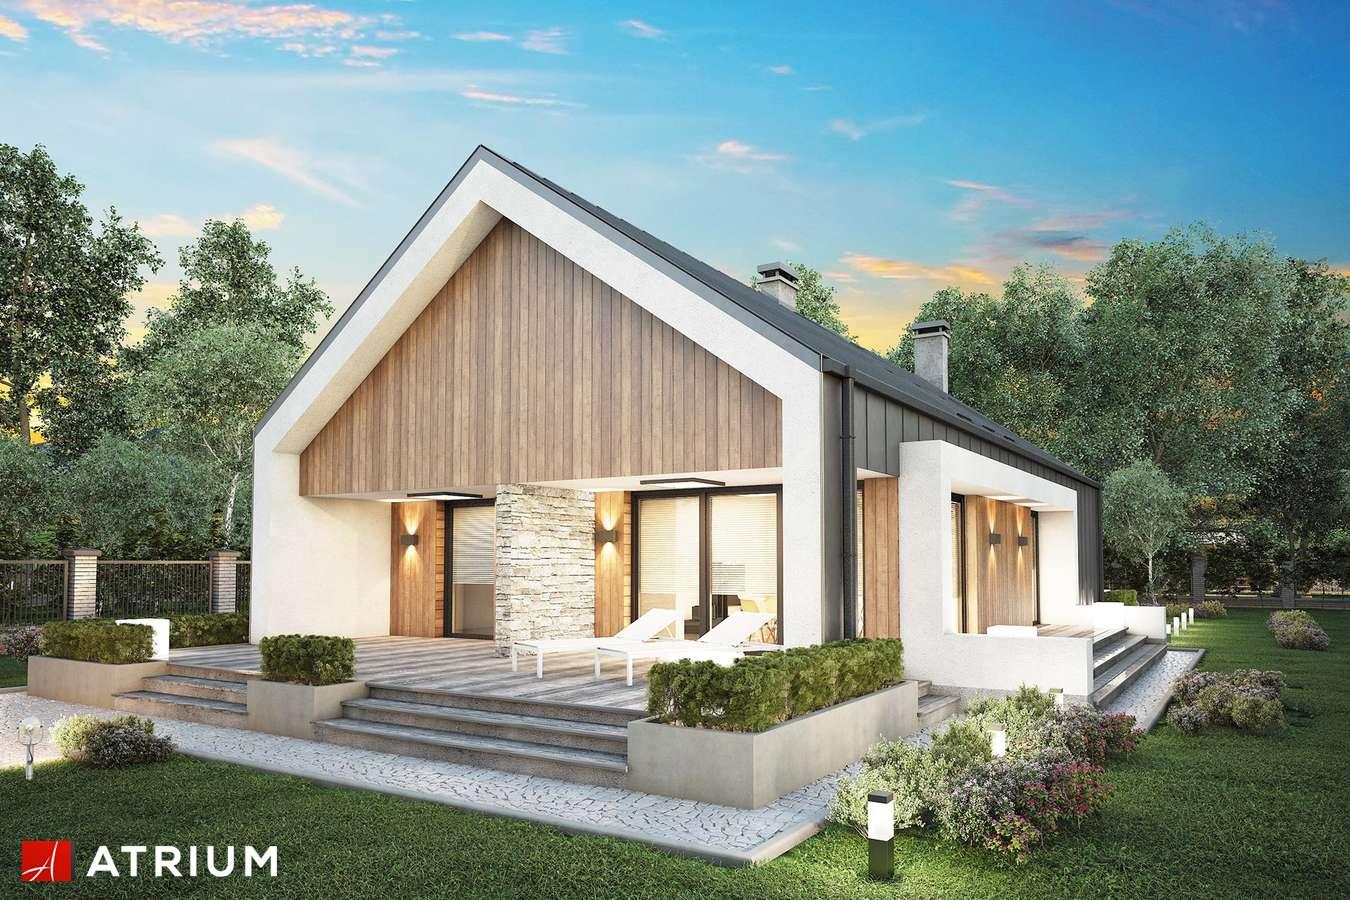 Projekty domów - Projekt domu parterowego LORENZO - wizualizacja 1 - wersja lustrzana